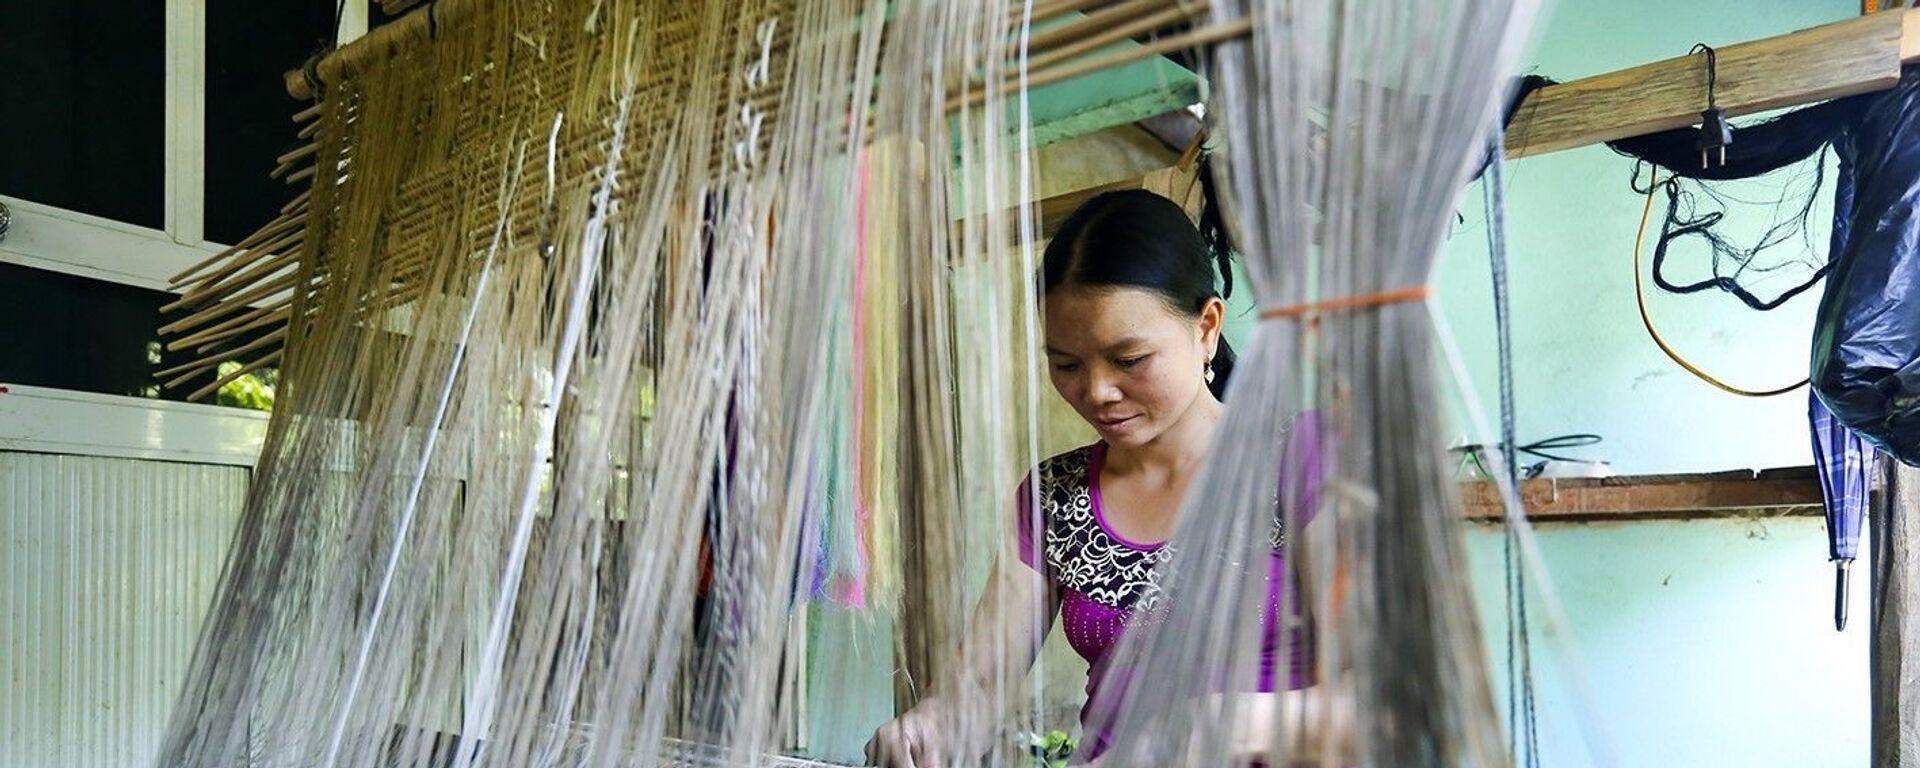 Nghề dệt thổ cẩm đem lại nguồn kinh tế cho đồng bào dân tộc Lào ở xã Pa Thơm, huyện Điện Biên (ảnh tư liệu). - Sputnik Việt Nam, 1920, 29.09.2020